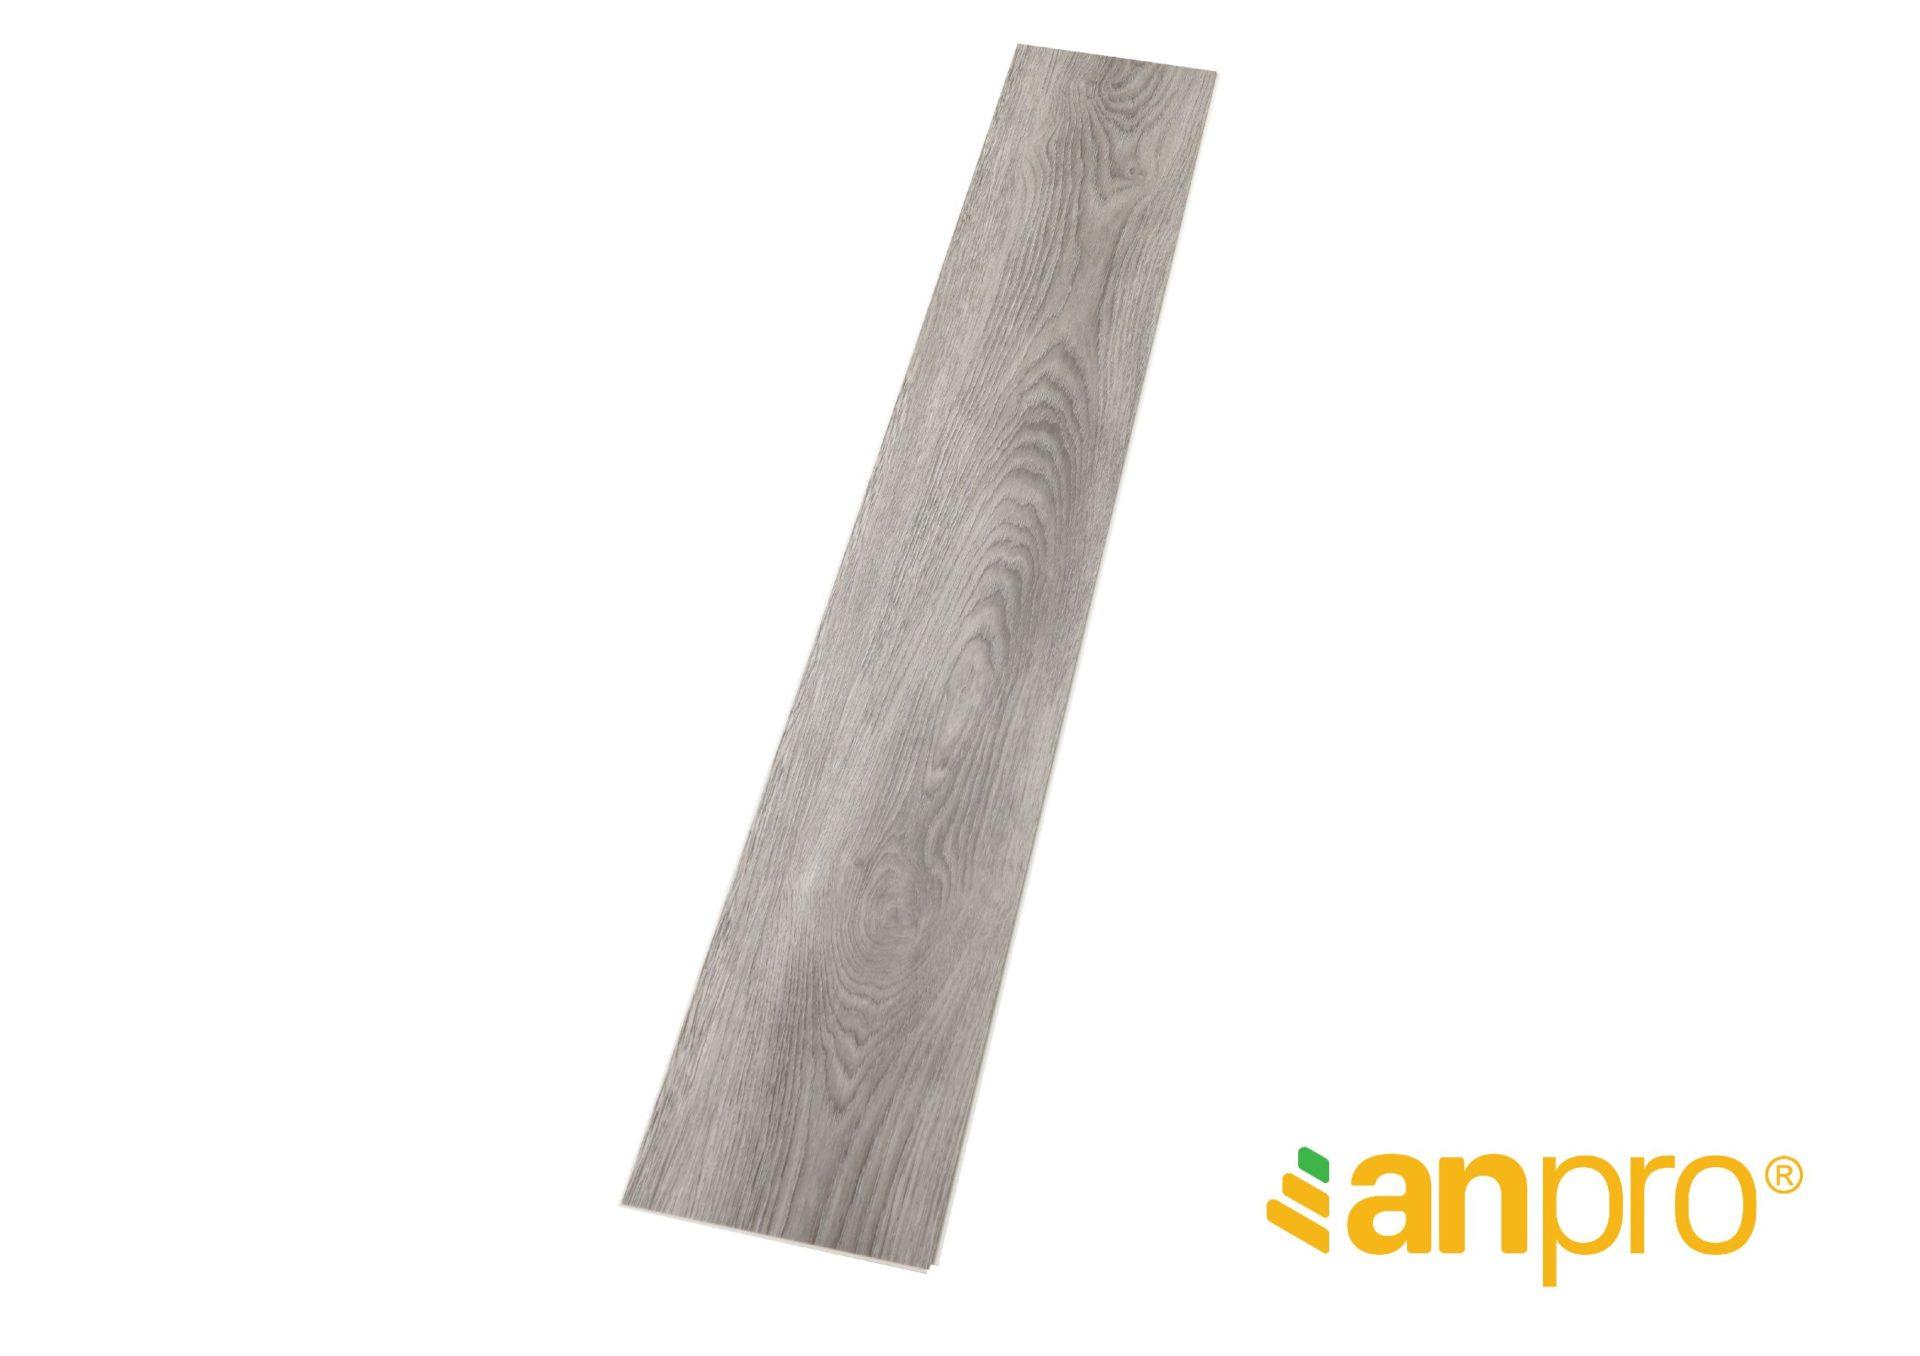 SA139 01 01 - Sàn AnPro vân gỗ SA150